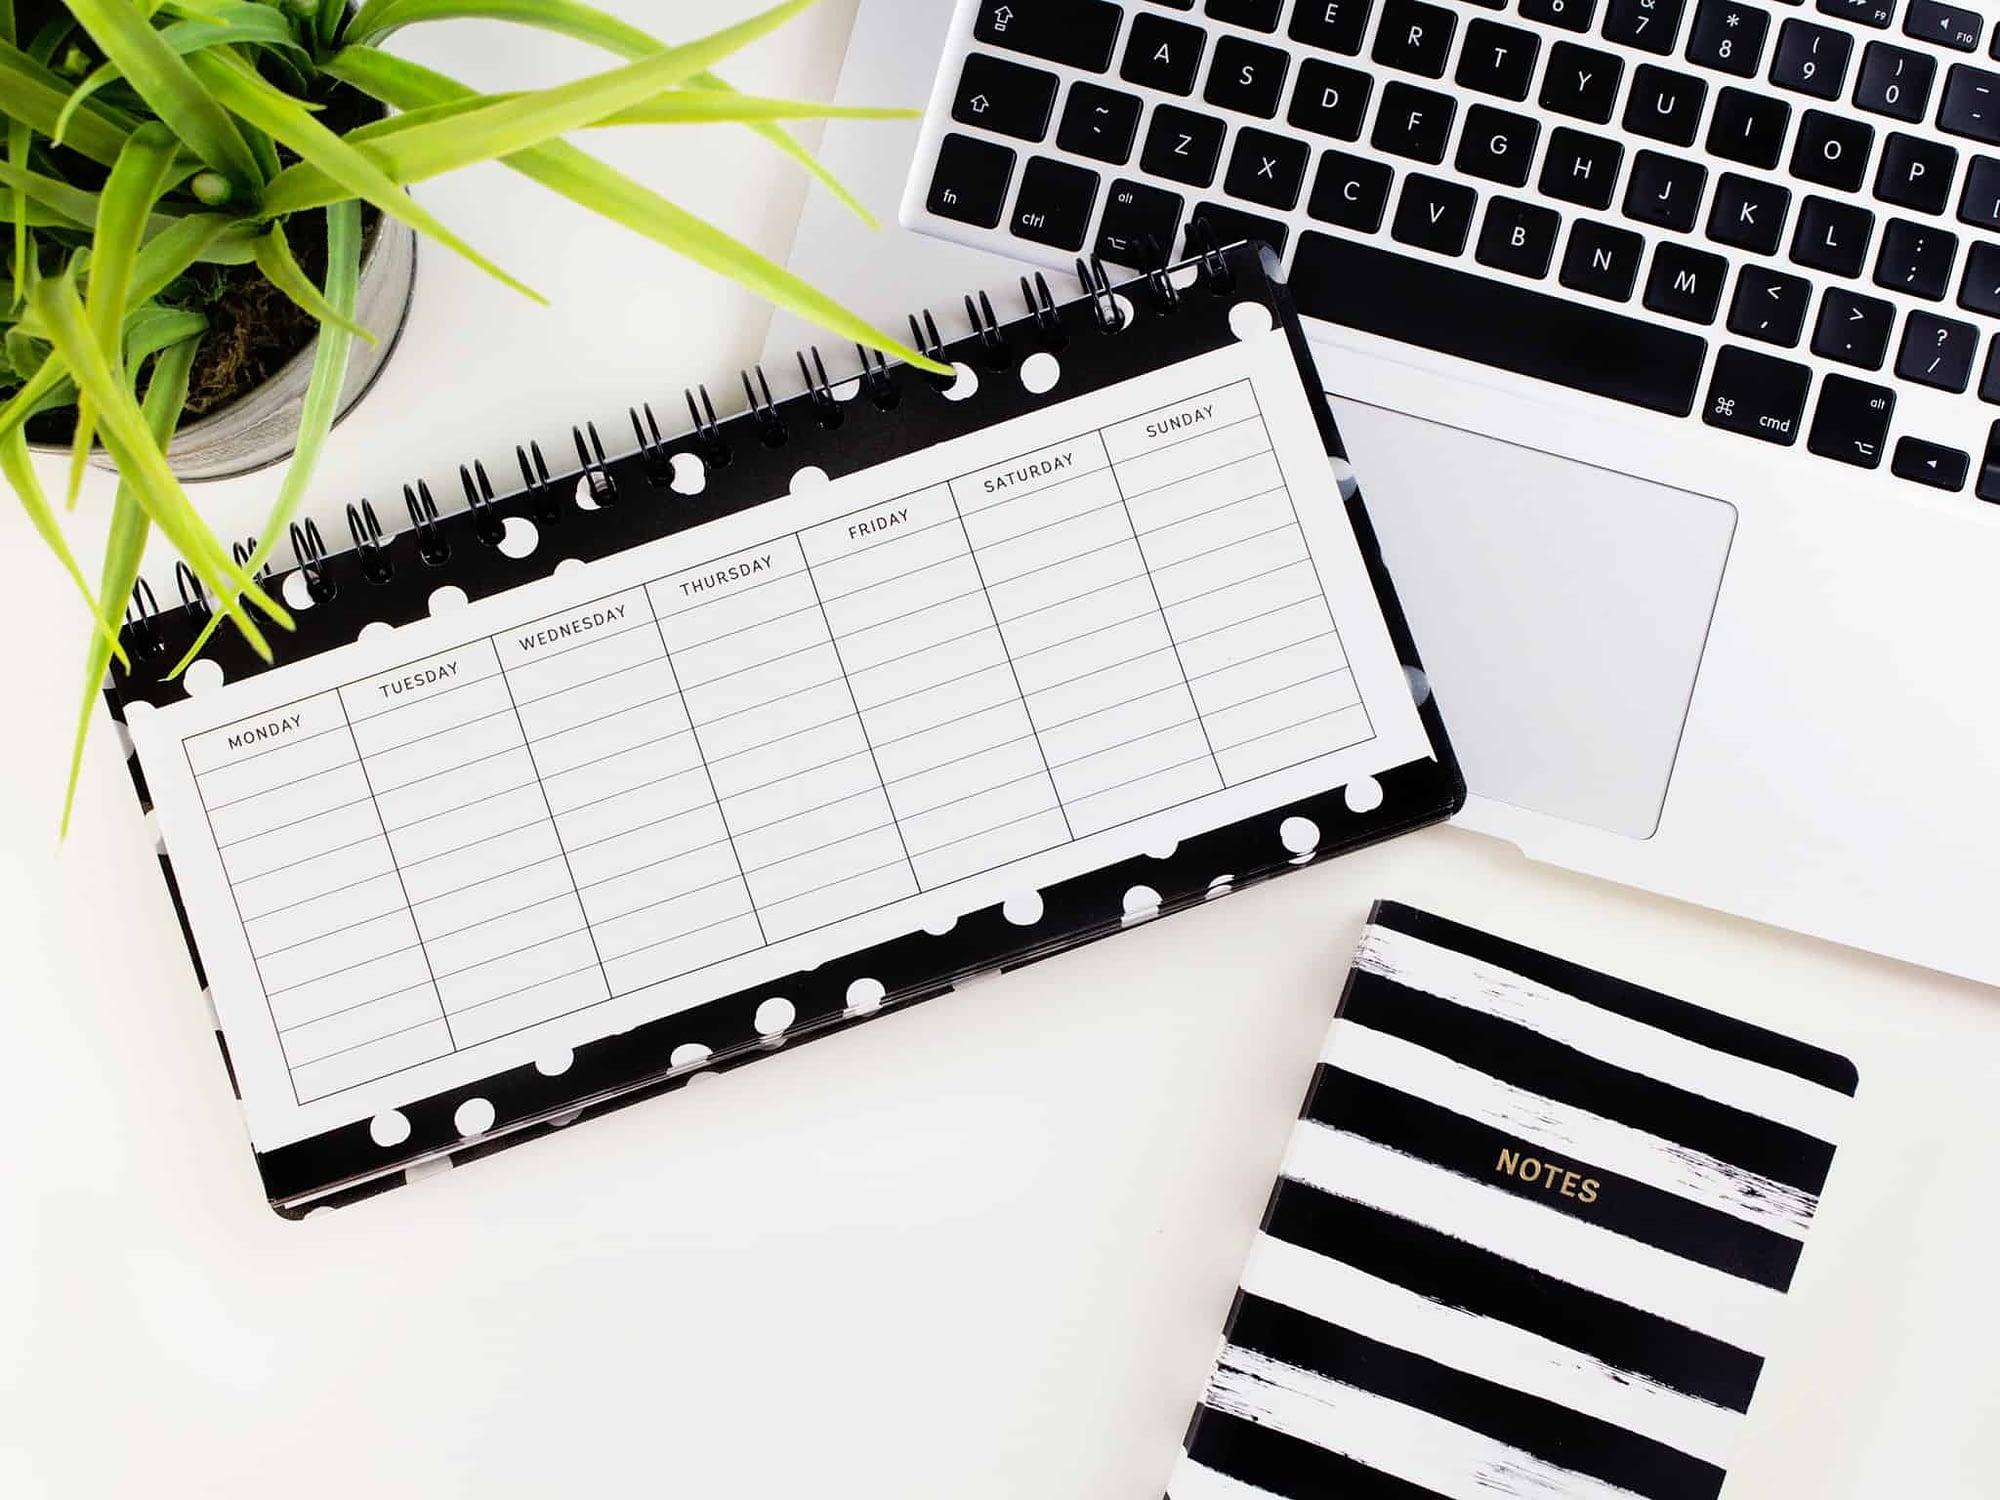 create a development schedule